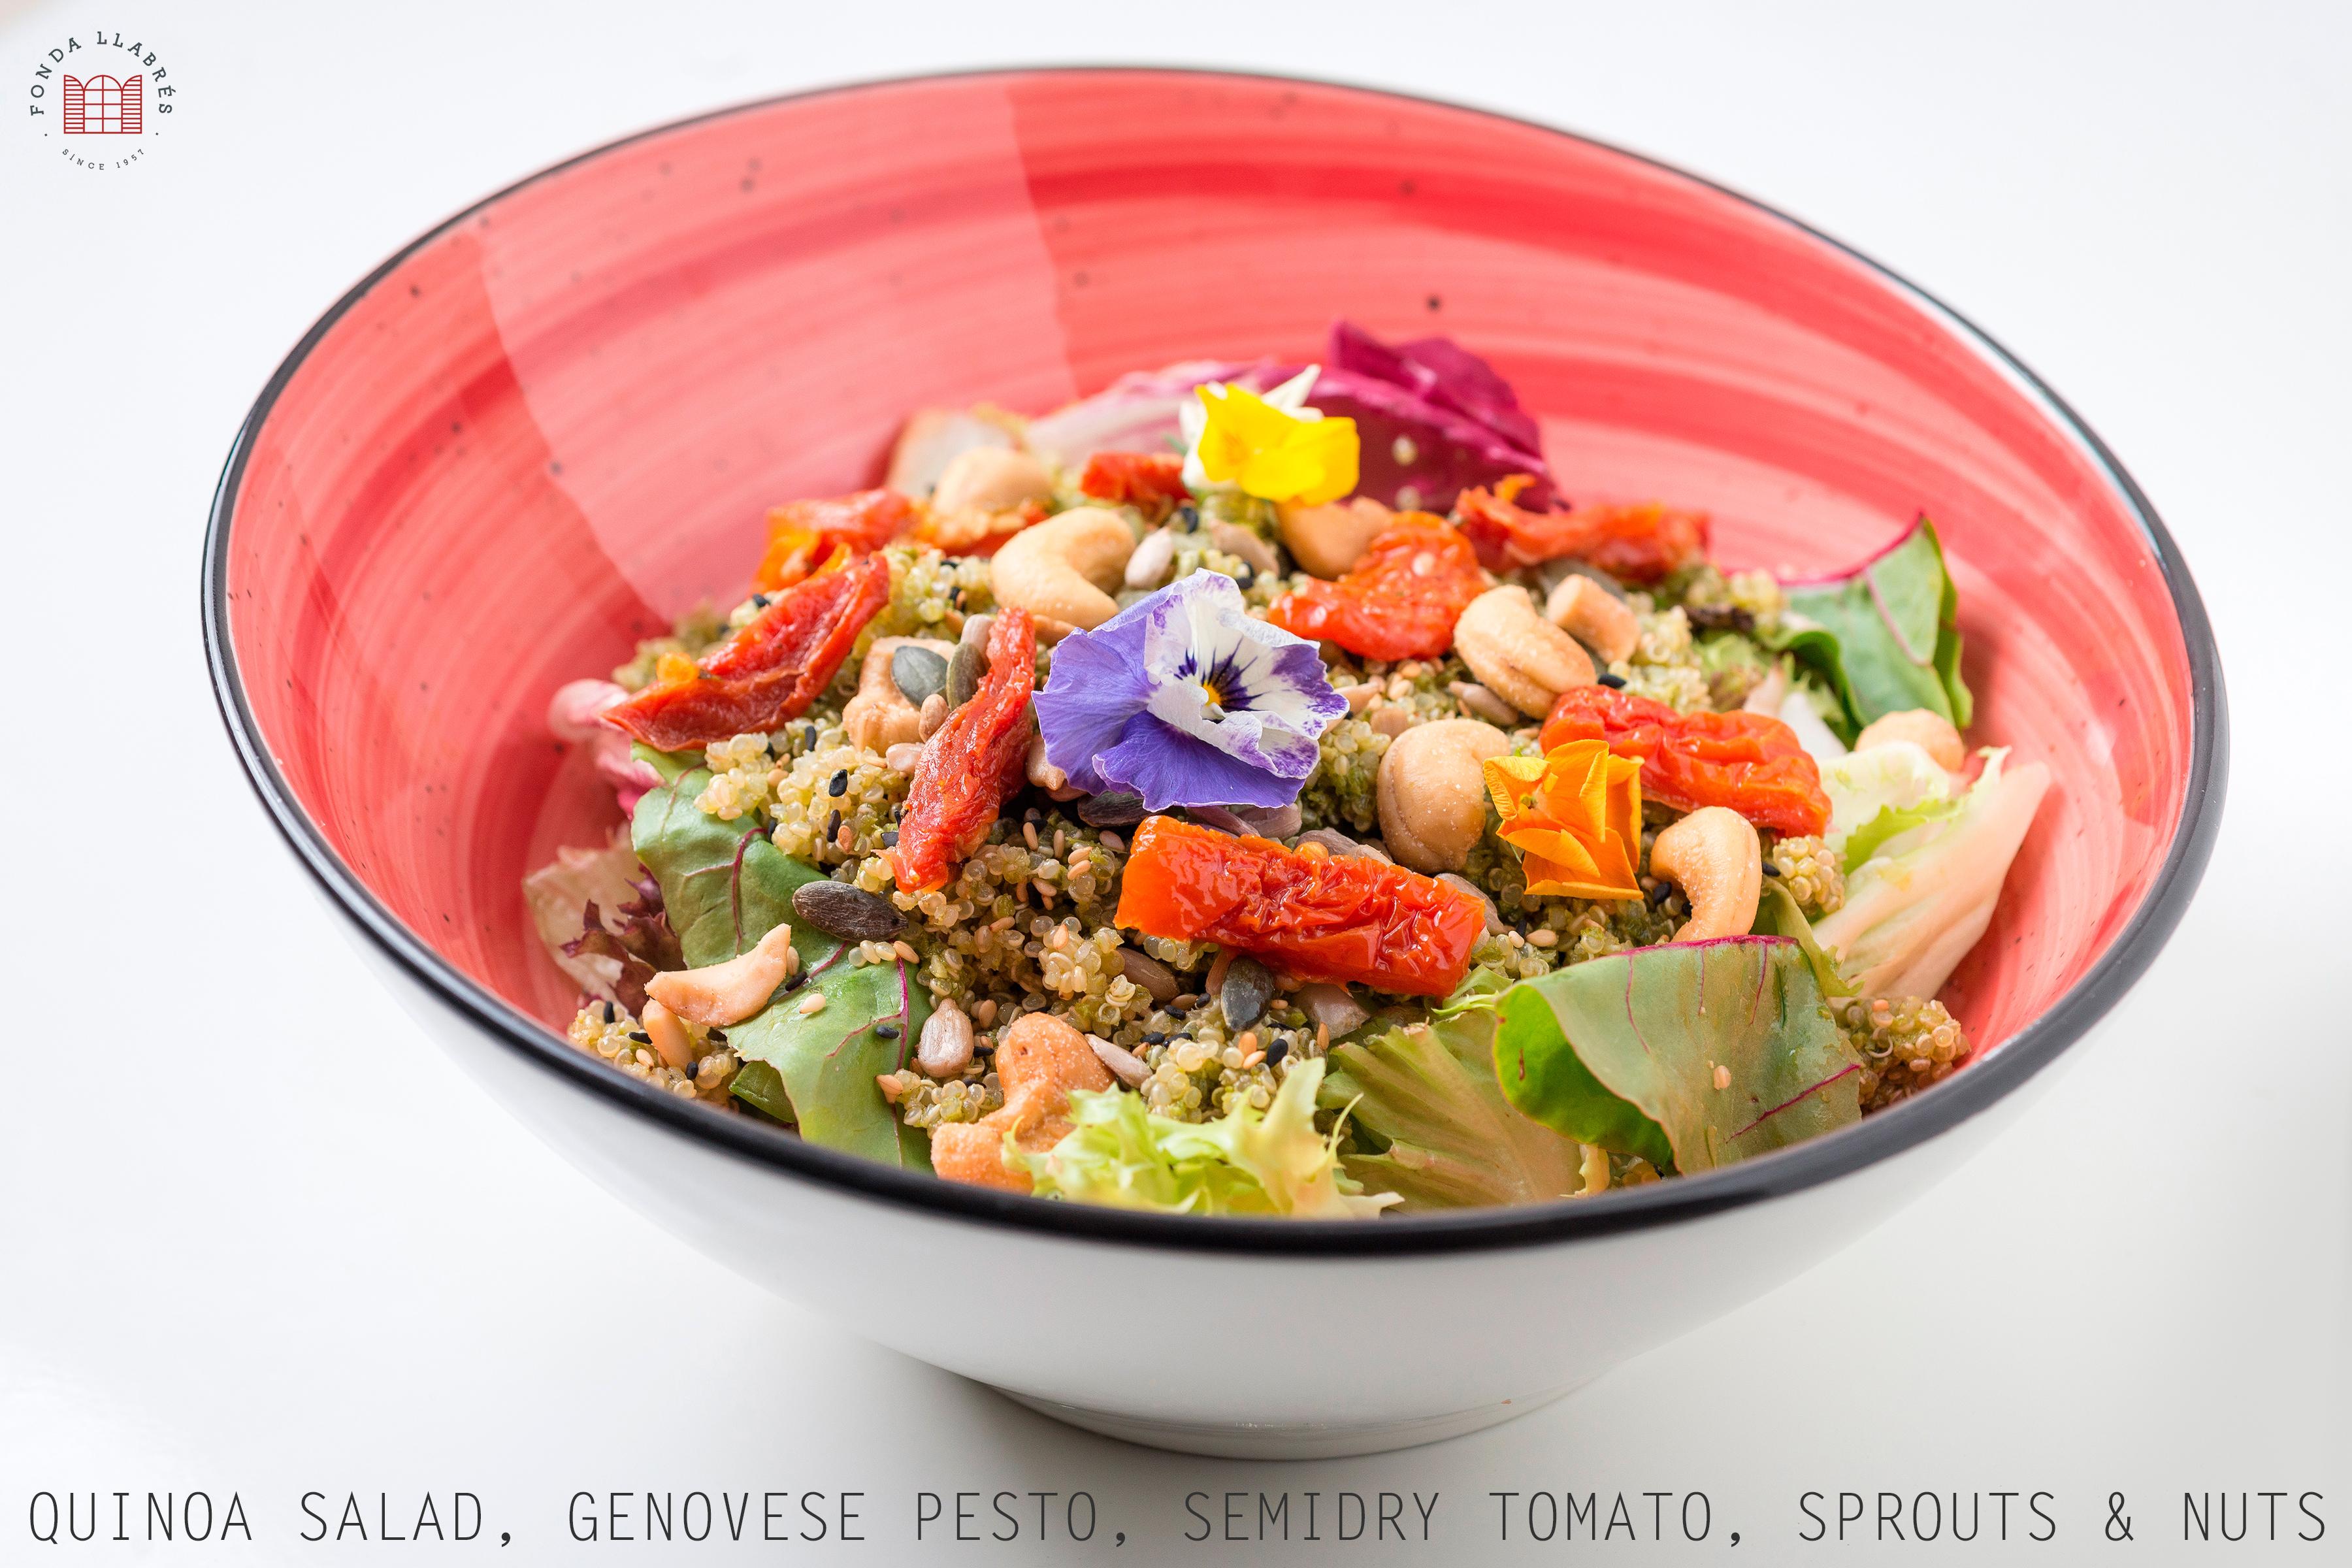 Quinoa Salad @fondallabres